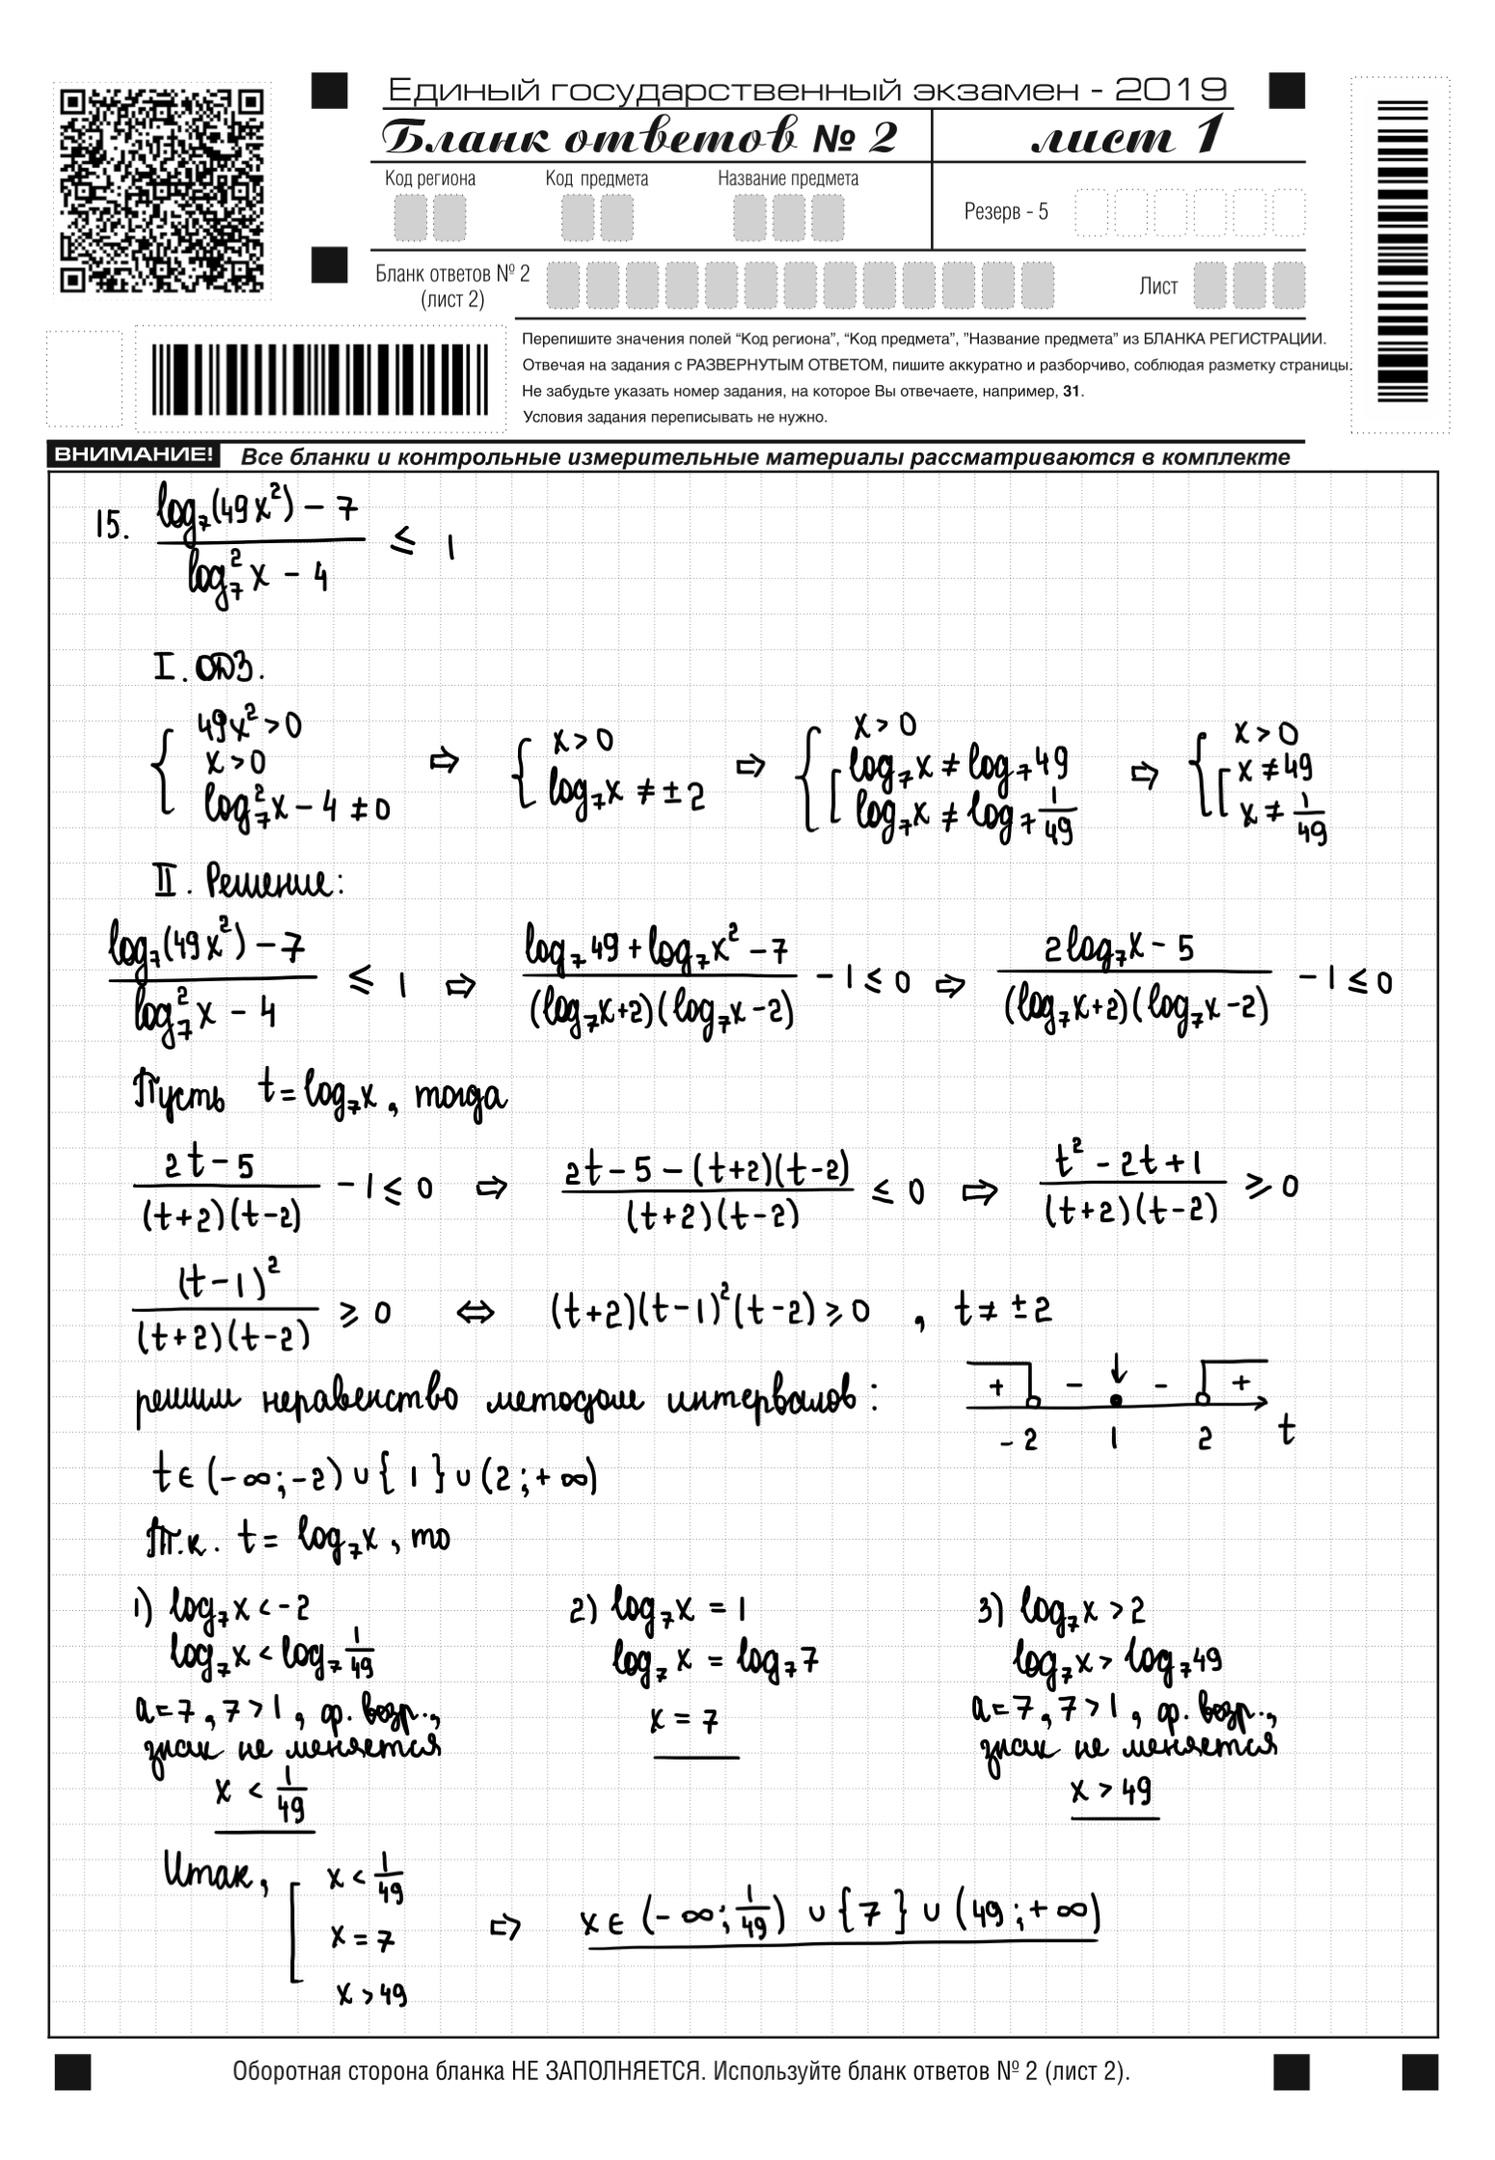 Оформление задания №15 на ЕГЭ по математике